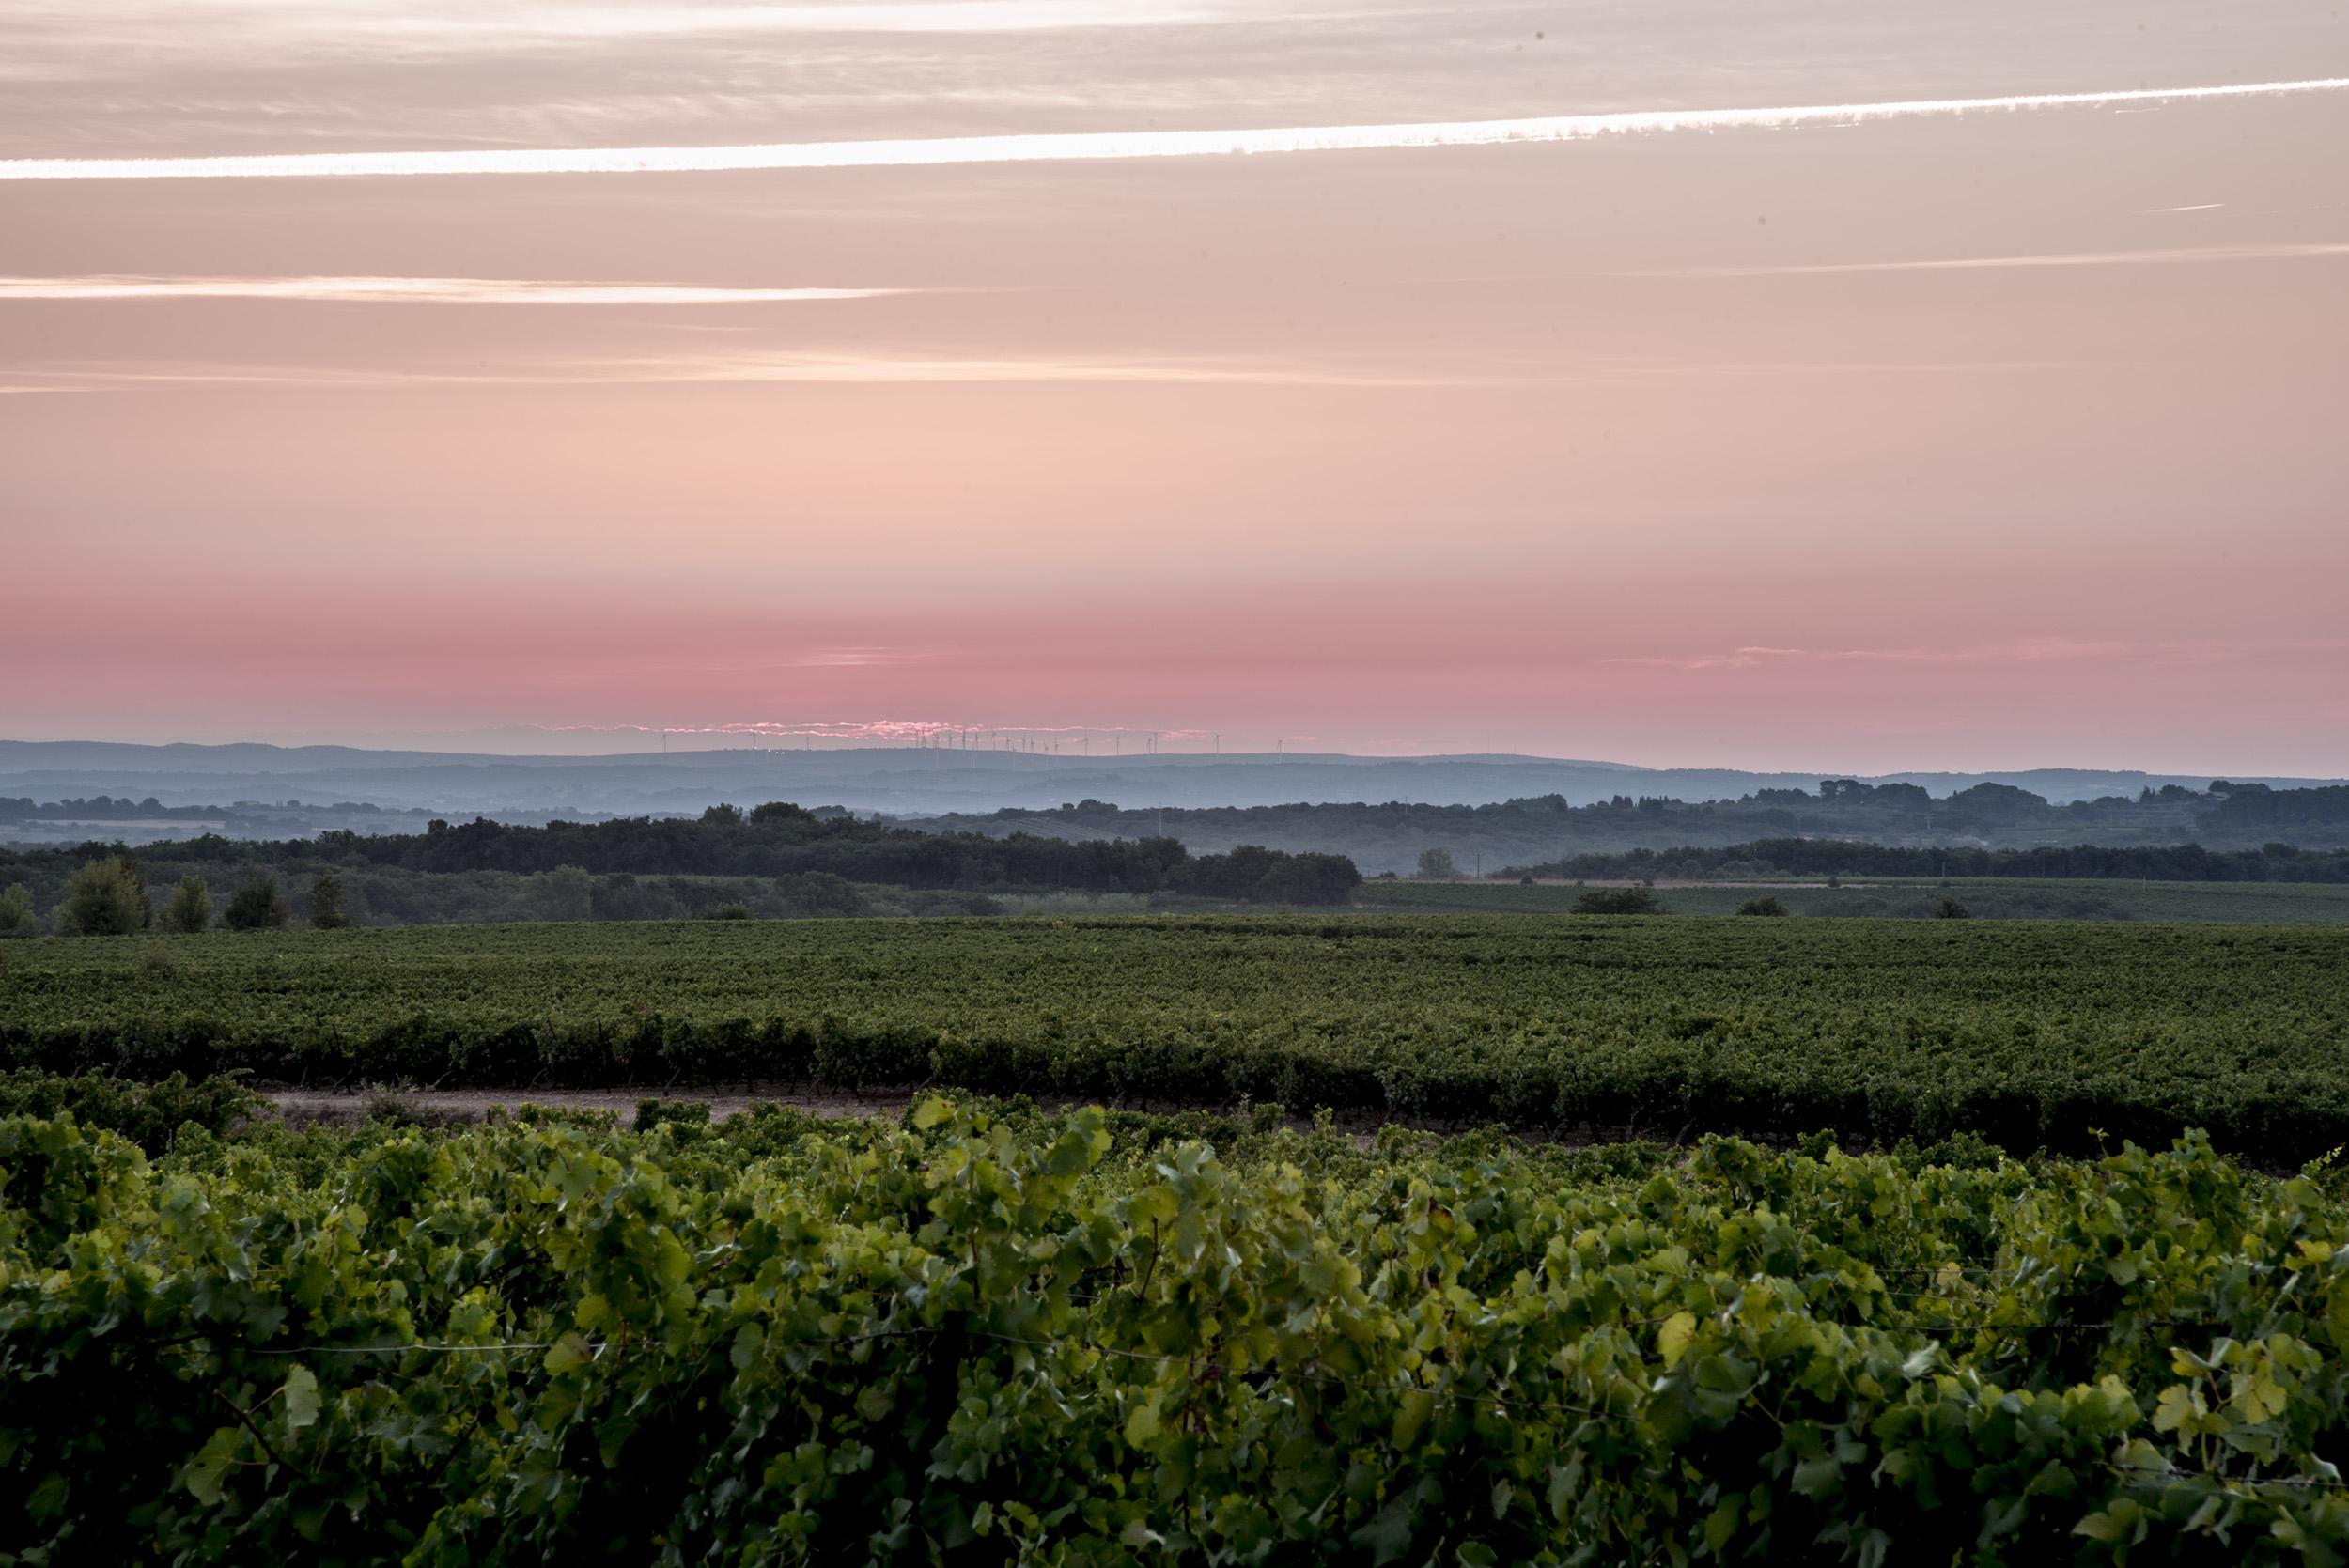 DSC_7042-vignes avant soleil